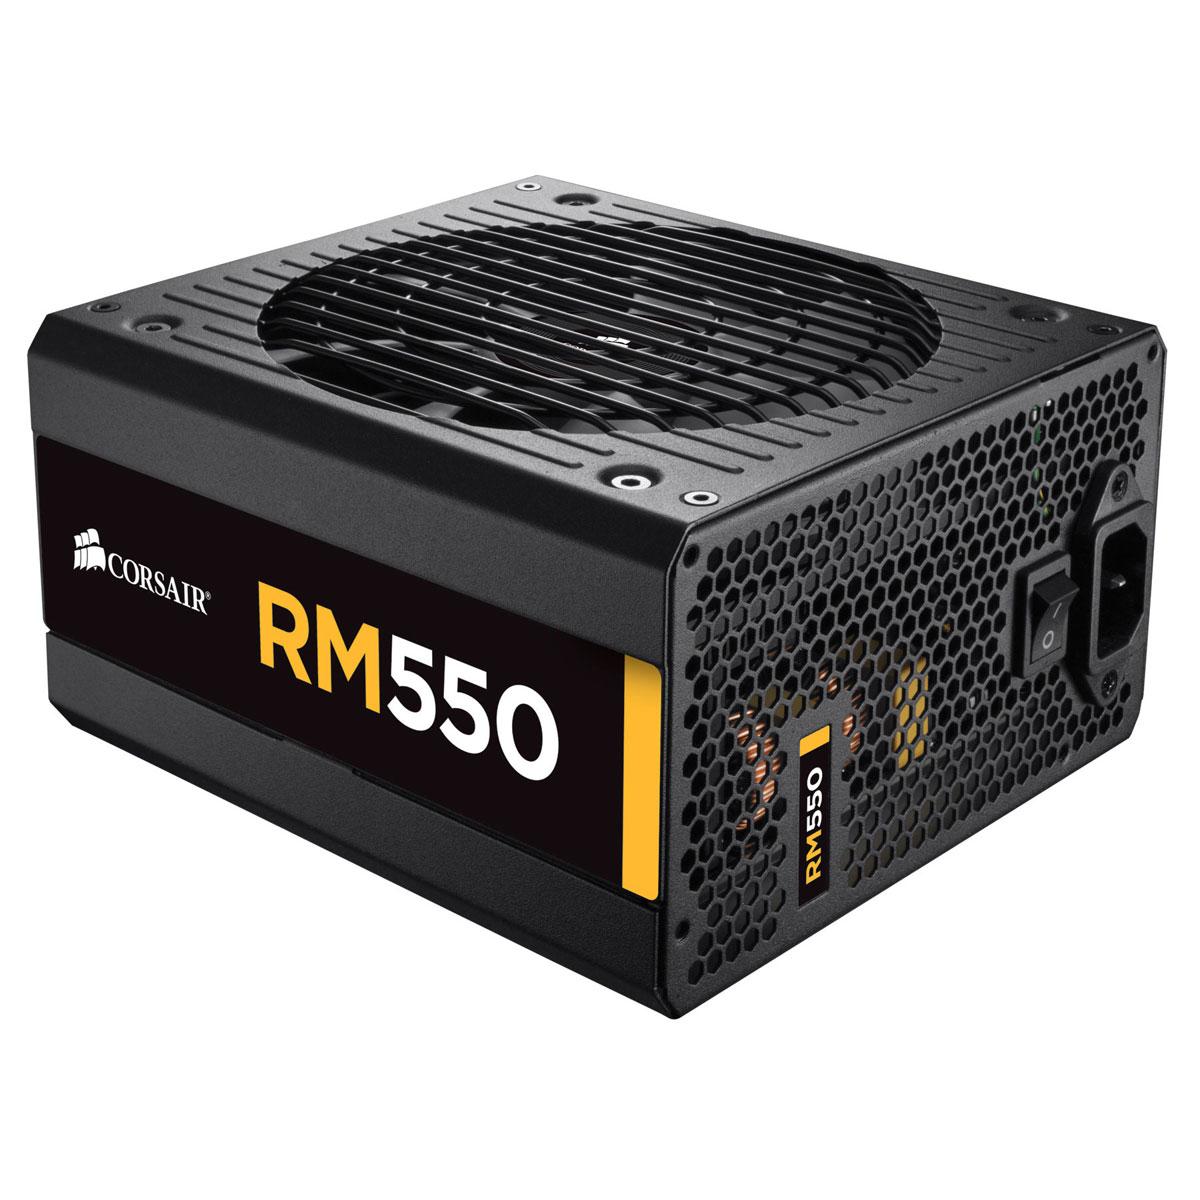 Alimentation PC Corsair RM550 80PLUS Gold Alimentation modulaire 550W ATX 12V 2.31 / EPS 2.92 - 80PLUS Gold (Garantie 5 ans par Corsair)